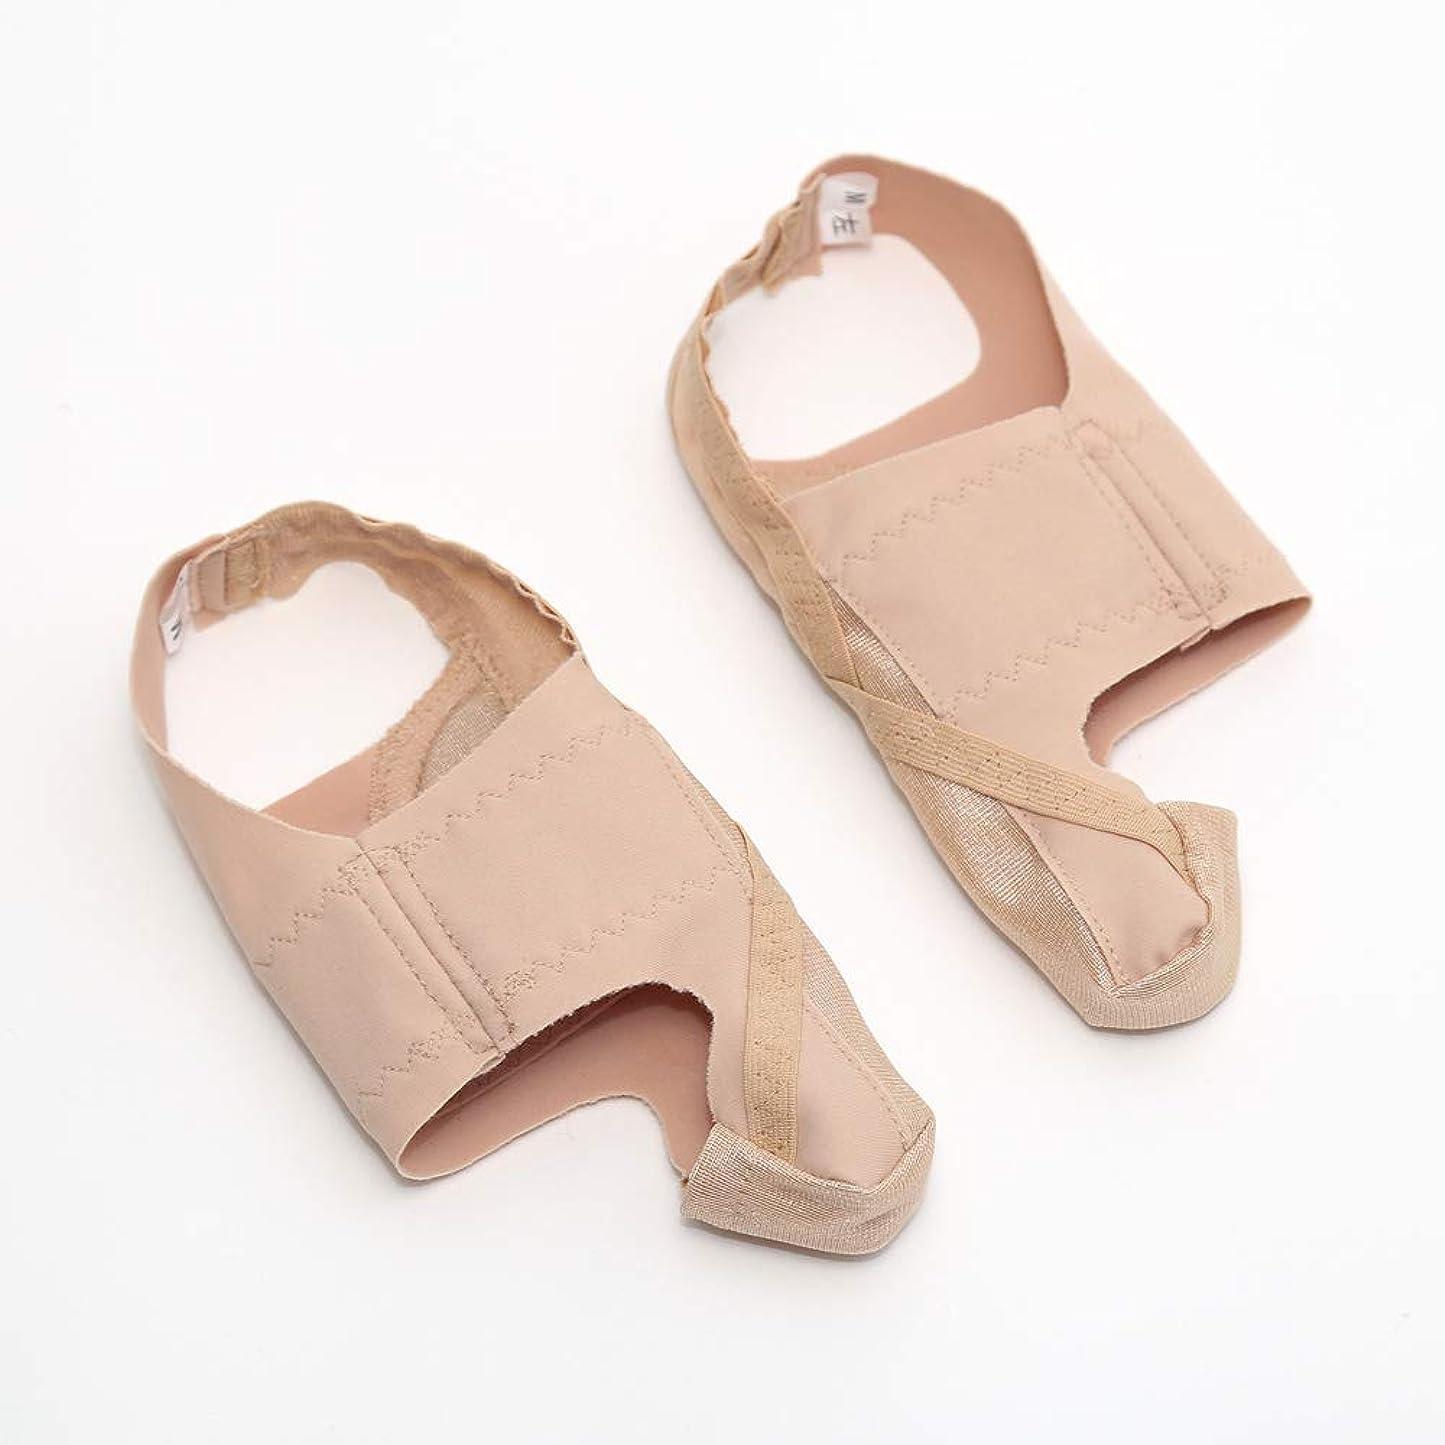 温かい敵意トライアスリート靴も履けるんデス EX Sサイズ コエンザイムQ10 美容エッセンスマスク付セット